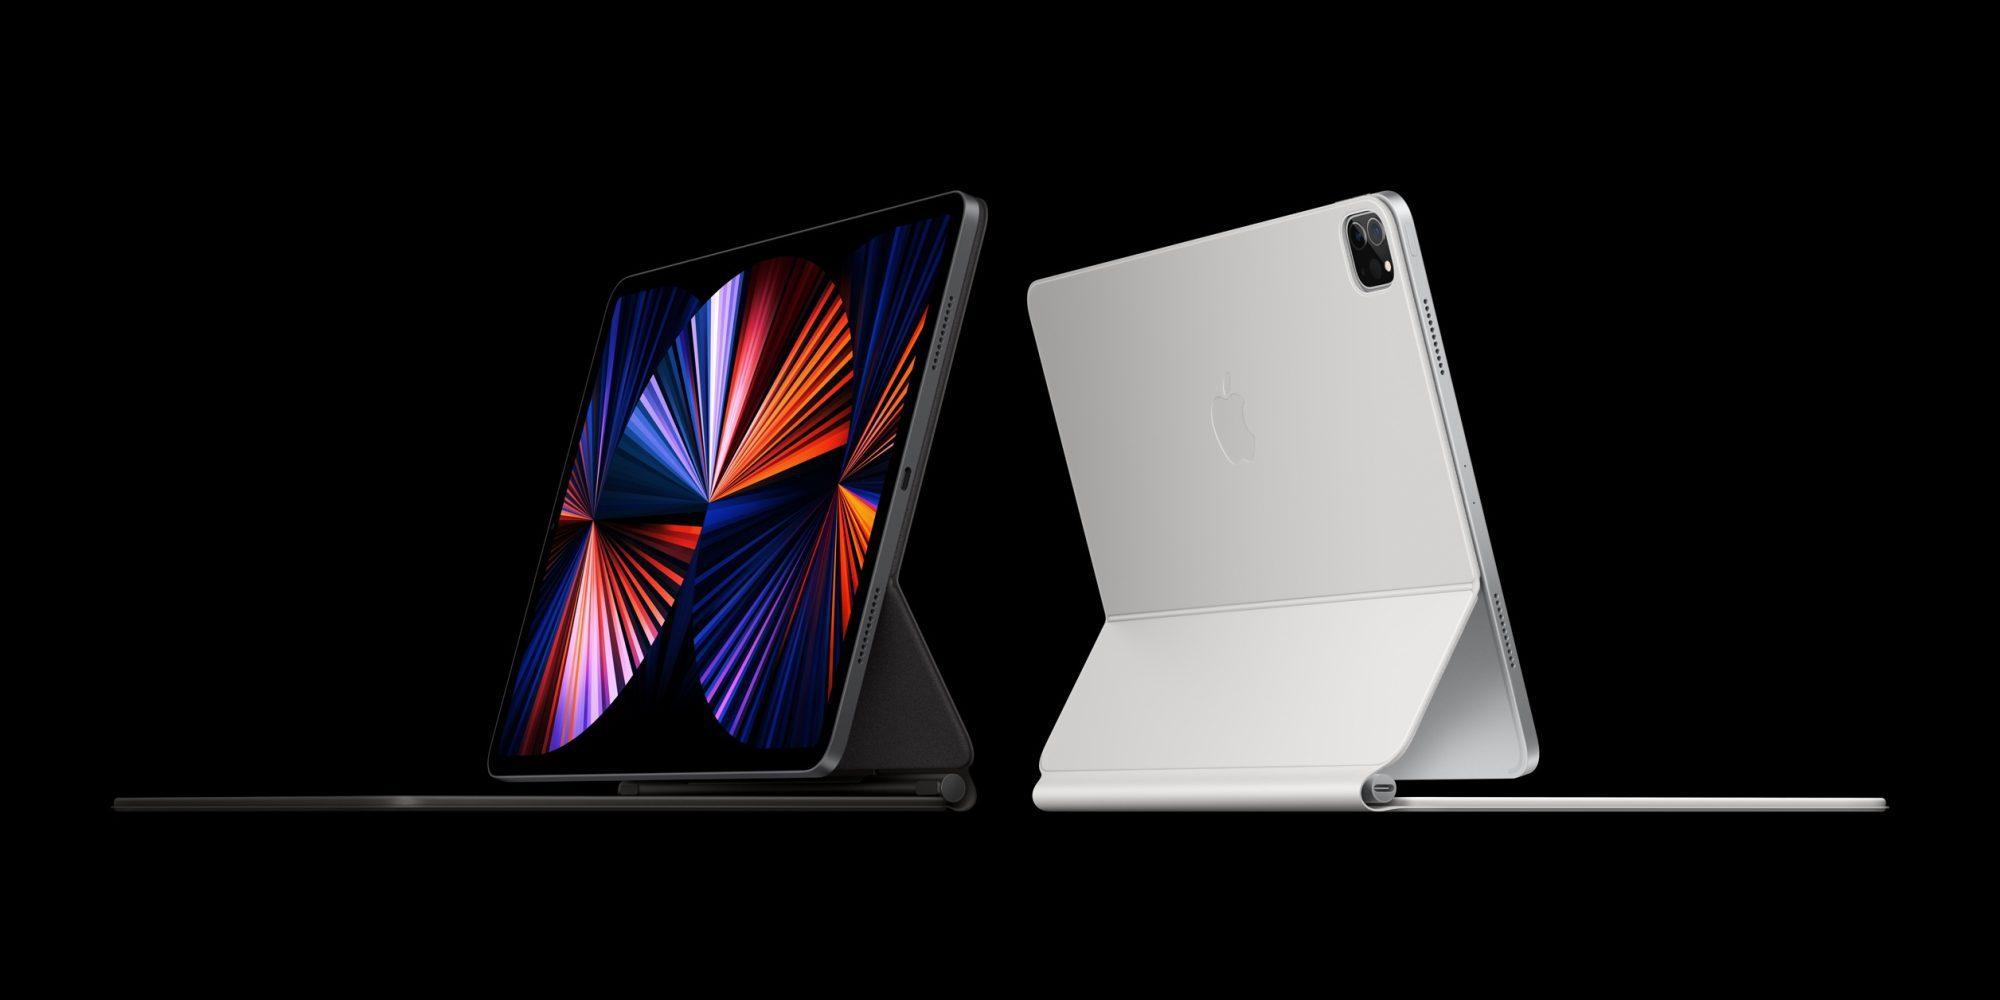 iPadOS ограничивает мощность iPad Pro: приложения могут использовать только до 5 ГБ ОЗУ